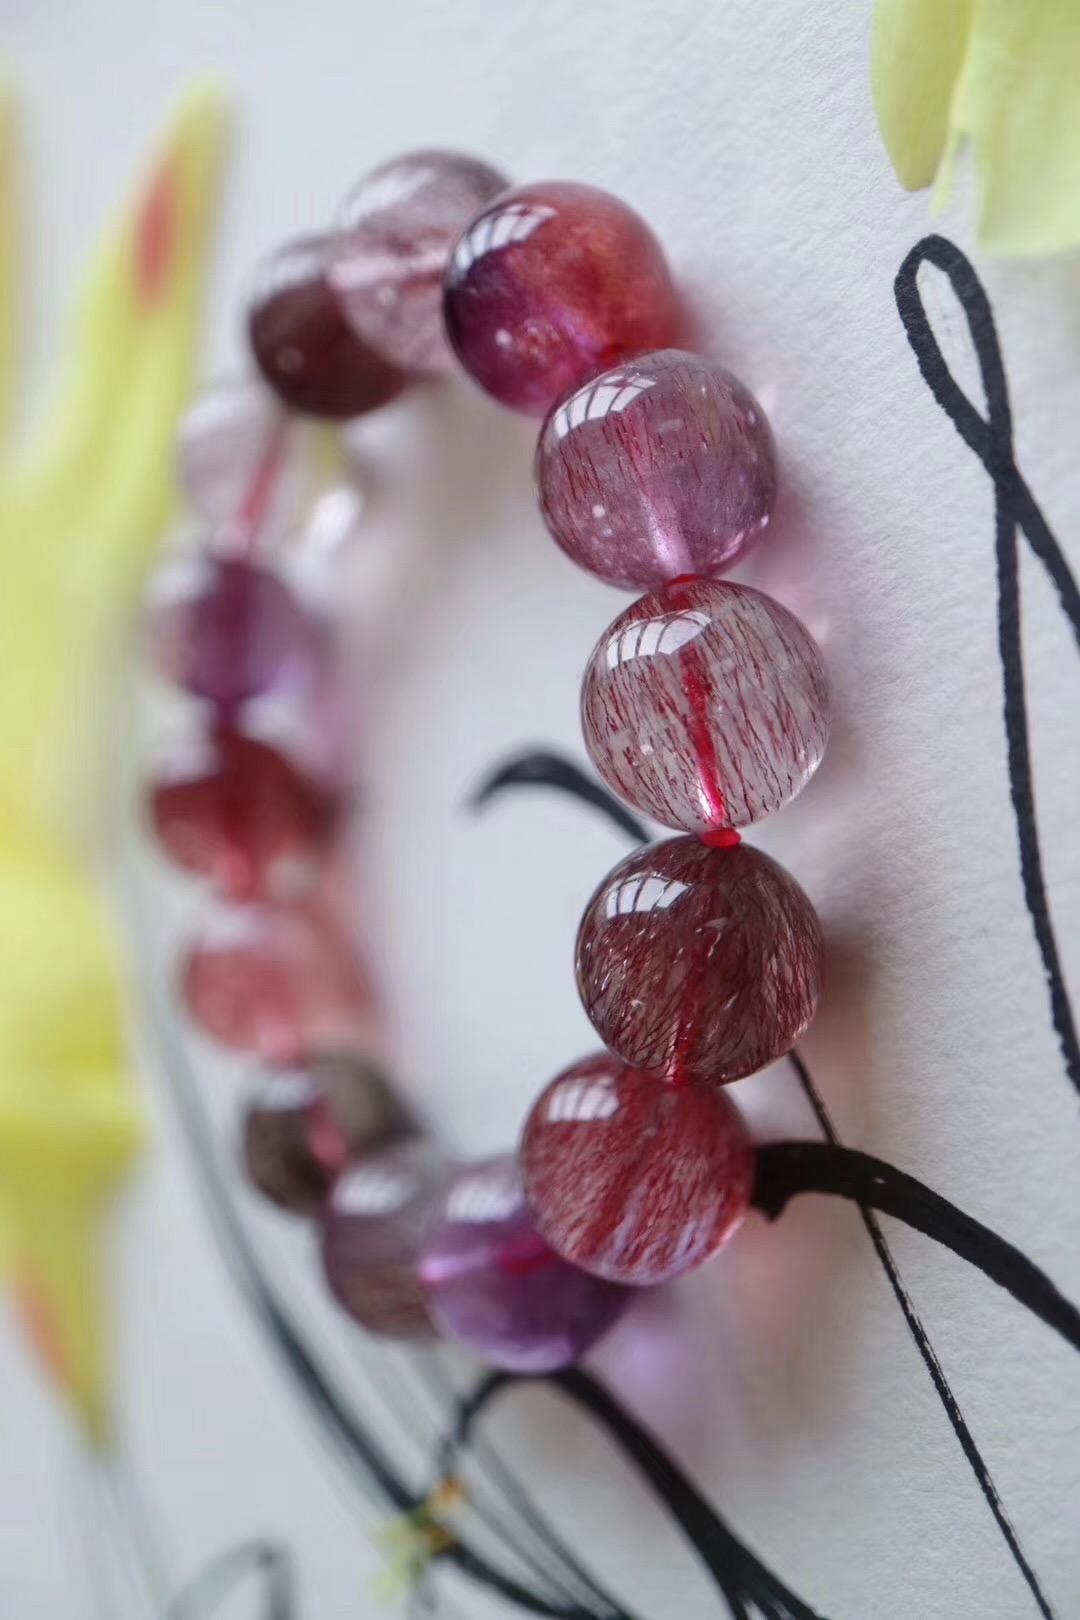 【菩心 | 超七紫发晶】这是一款灵力值爆表的紫发晶-菩心晶舍